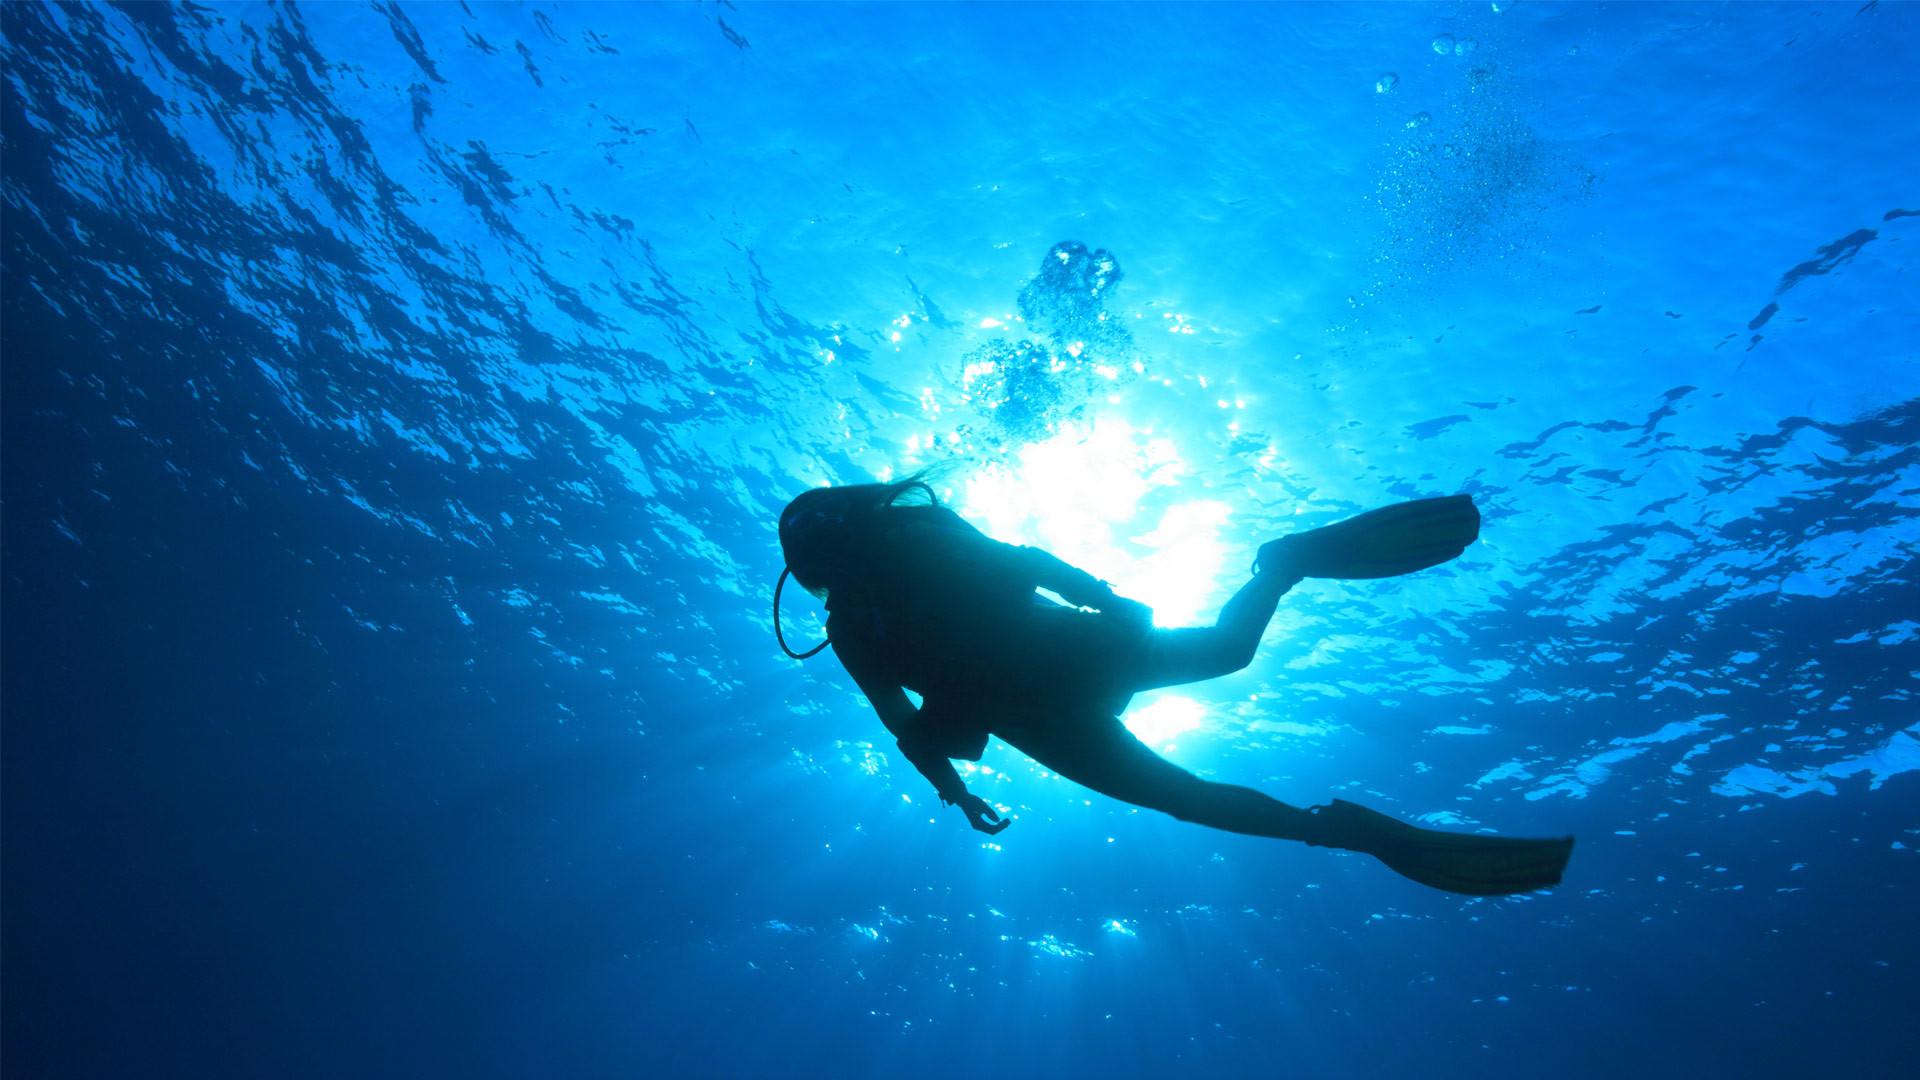 Scuba Diving Wallpaper ·① WallpaperTag